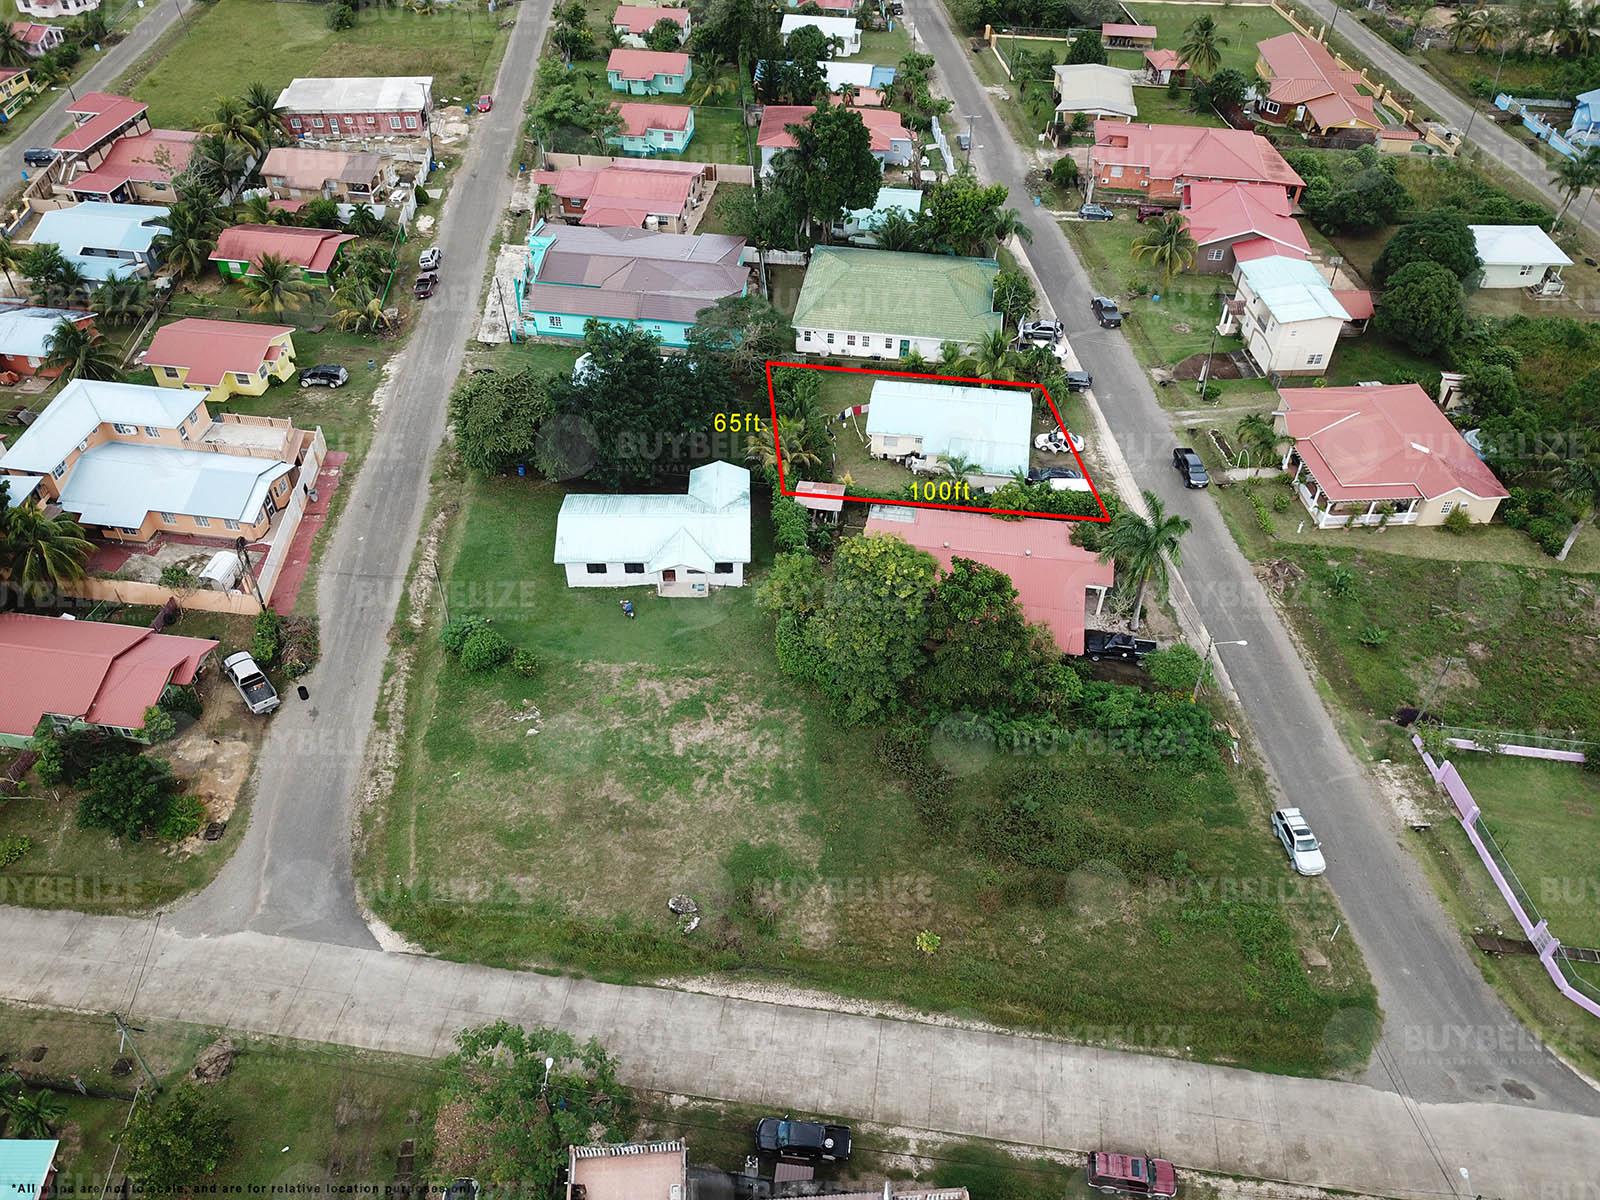 3 Bed 1 Bath House for Sale in Belmopan City Belize